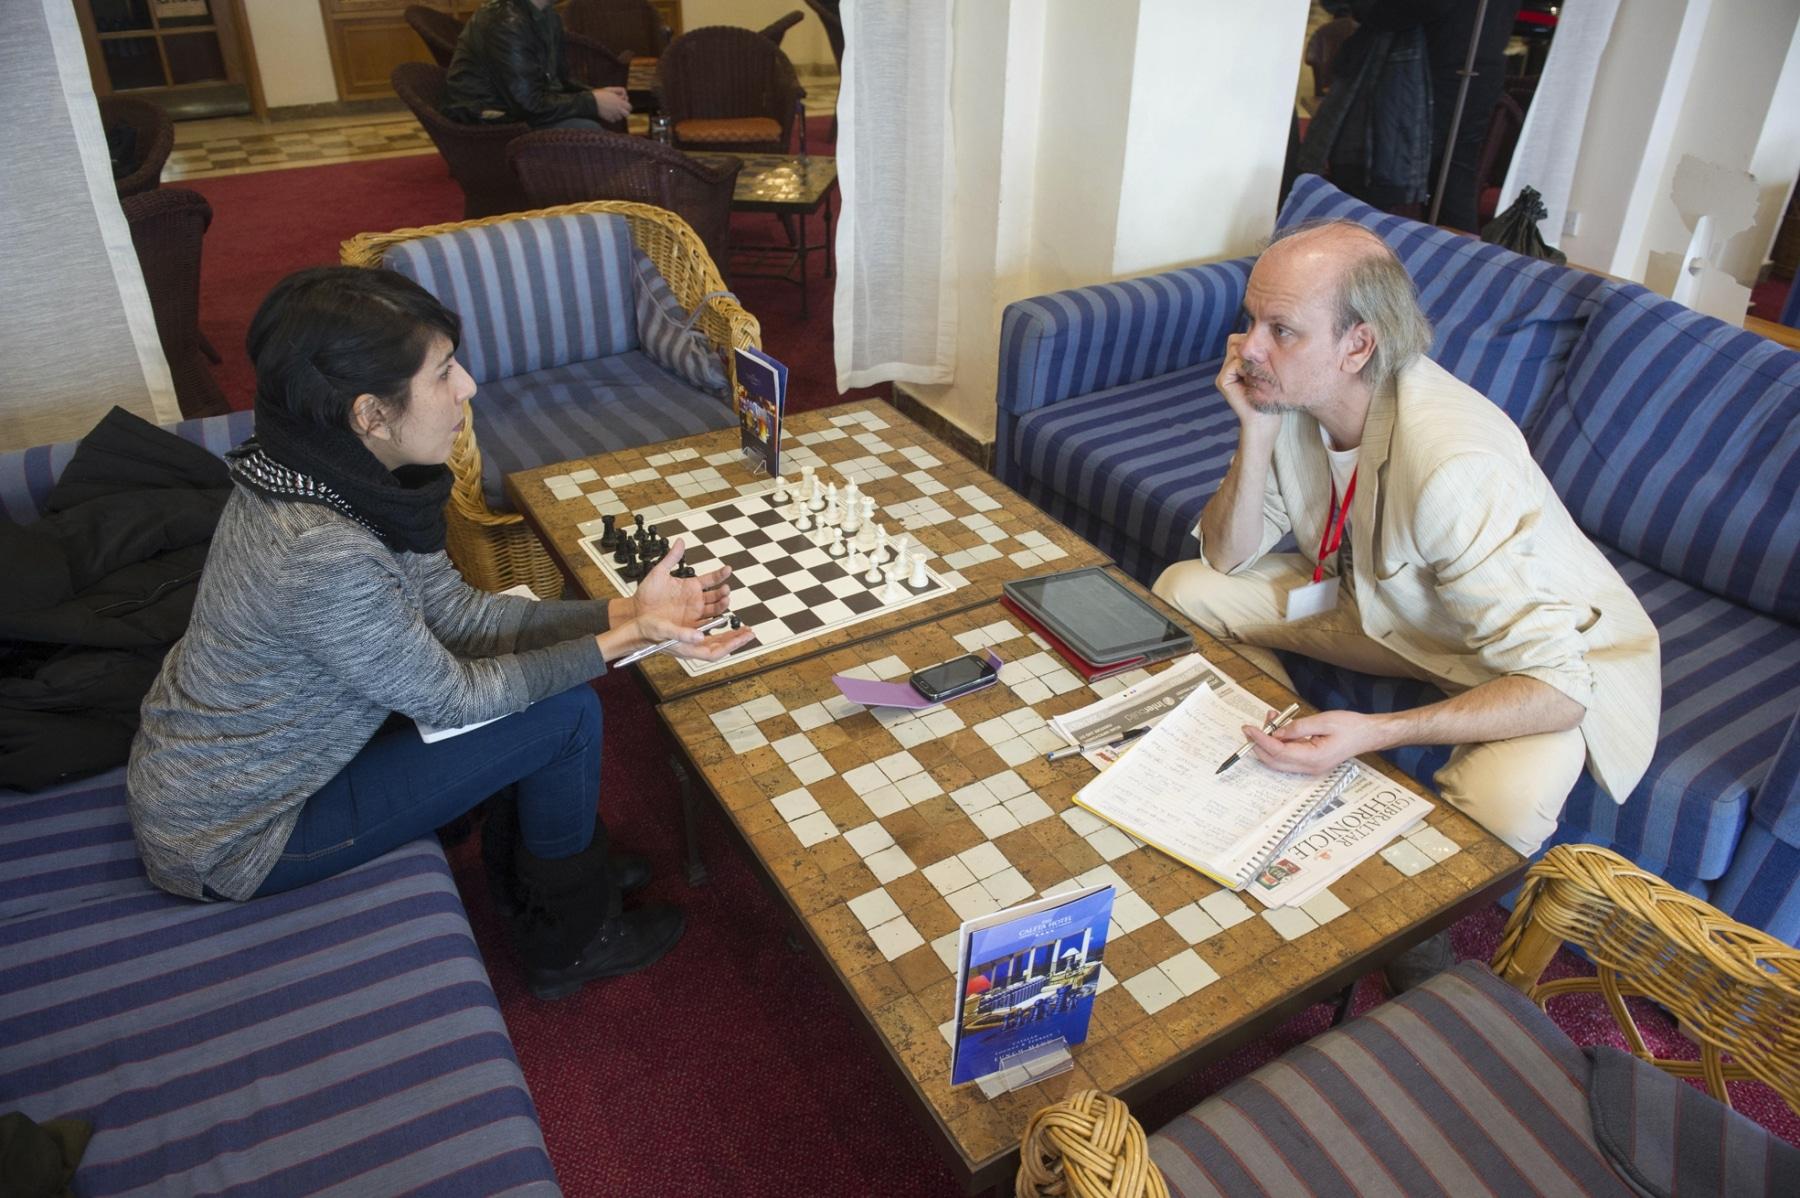 tradewise-chess-festival-entrevistas-y-ambiente18_12249238603_o